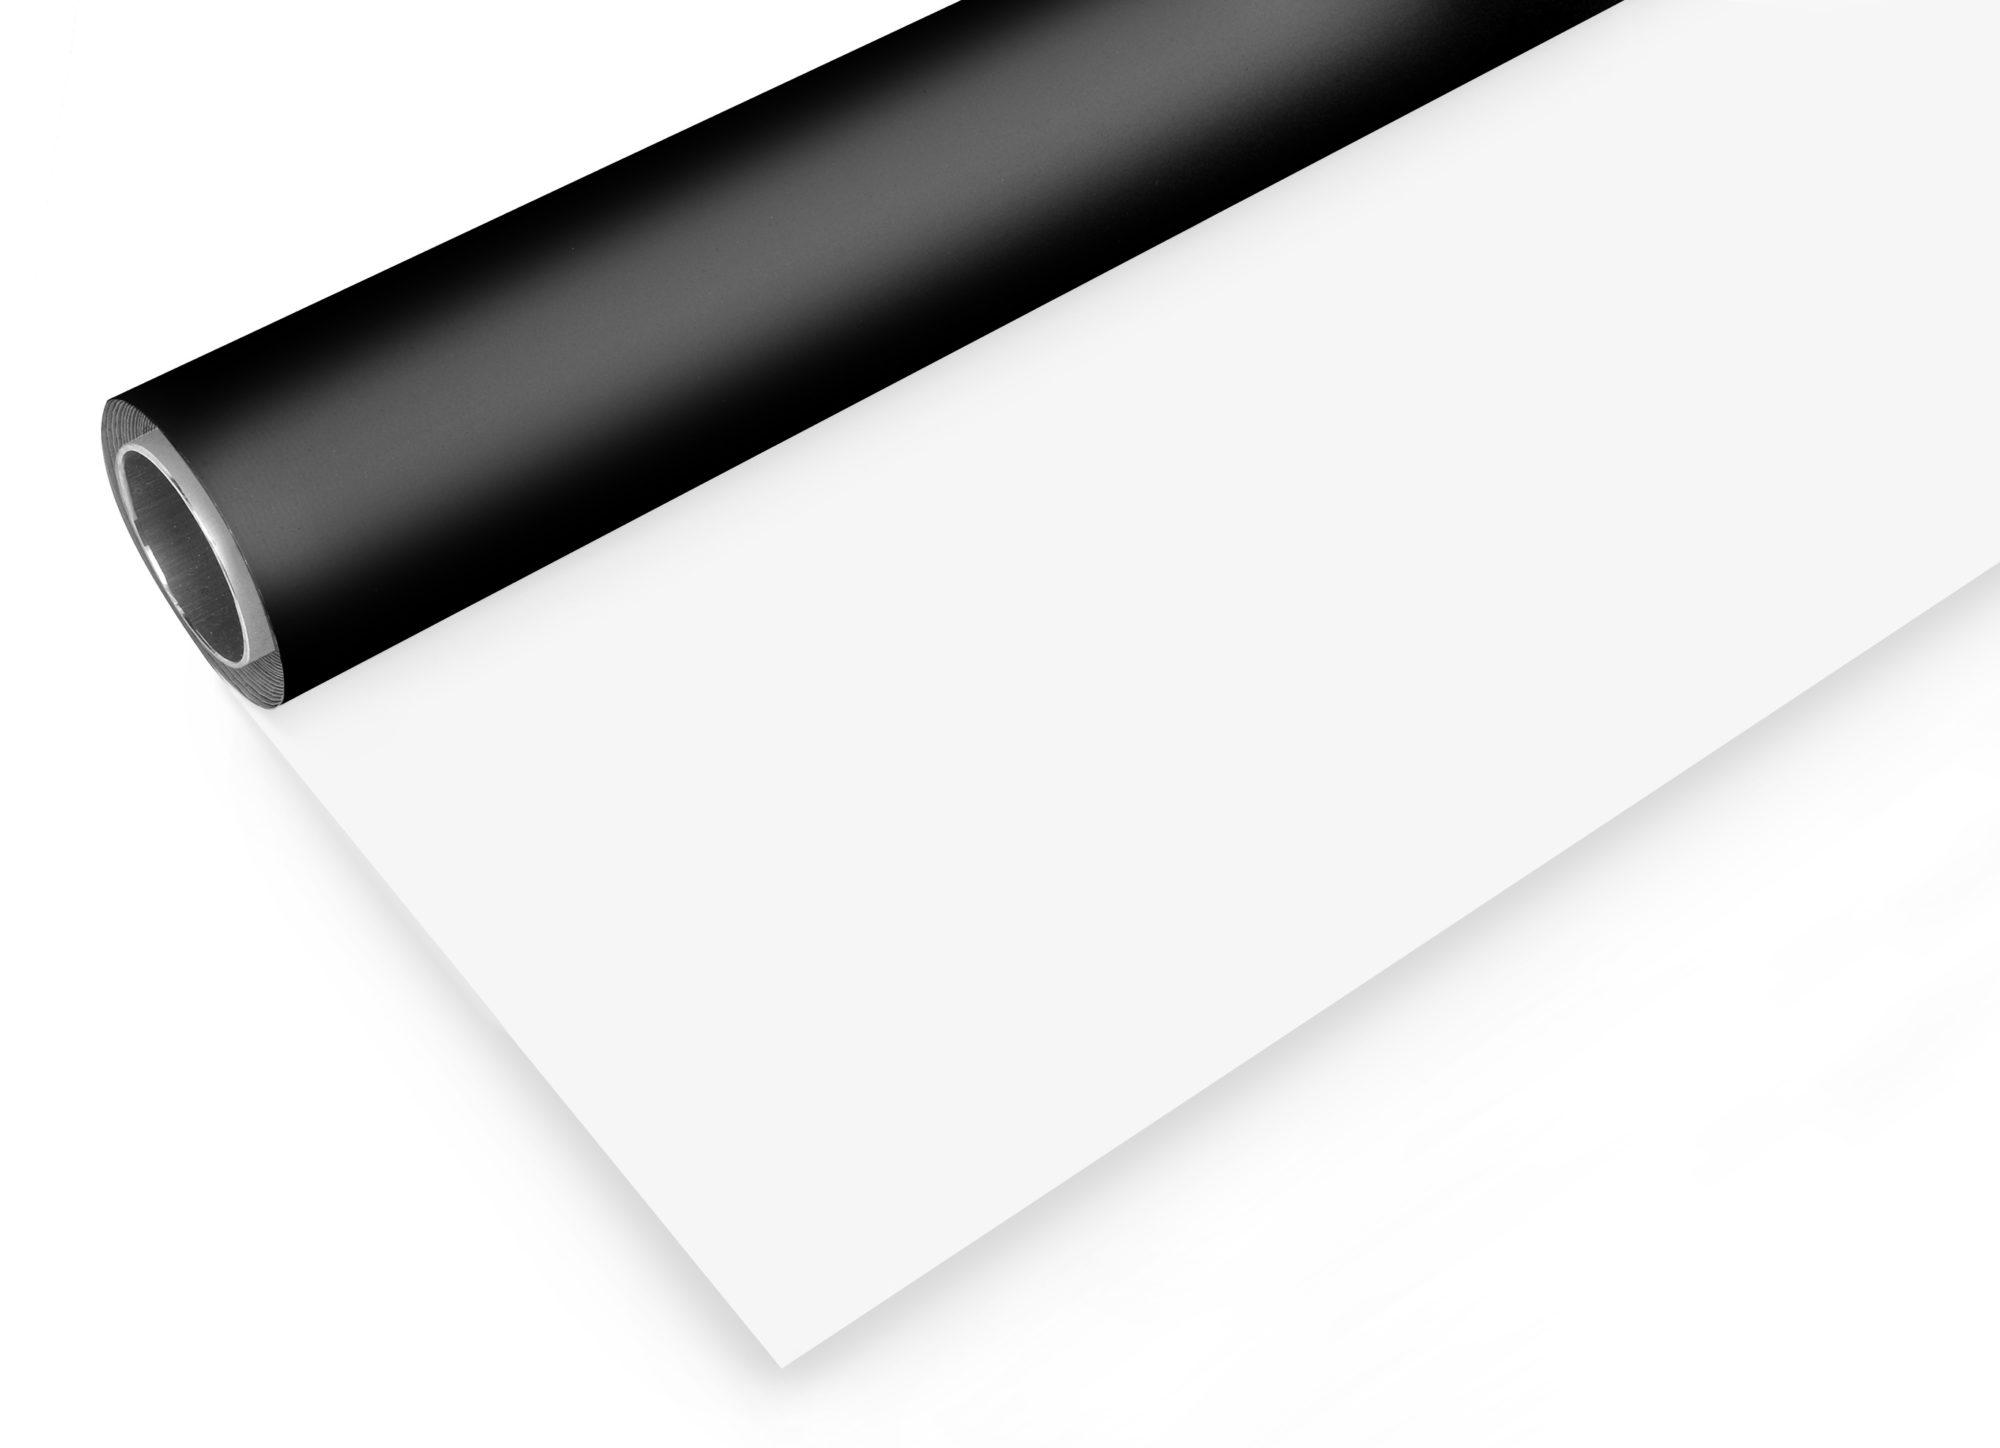 bresser fond de studio vinyl sur rouleau noir blanc acheter en ligne prix serr. Black Bedroom Furniture Sets. Home Design Ideas